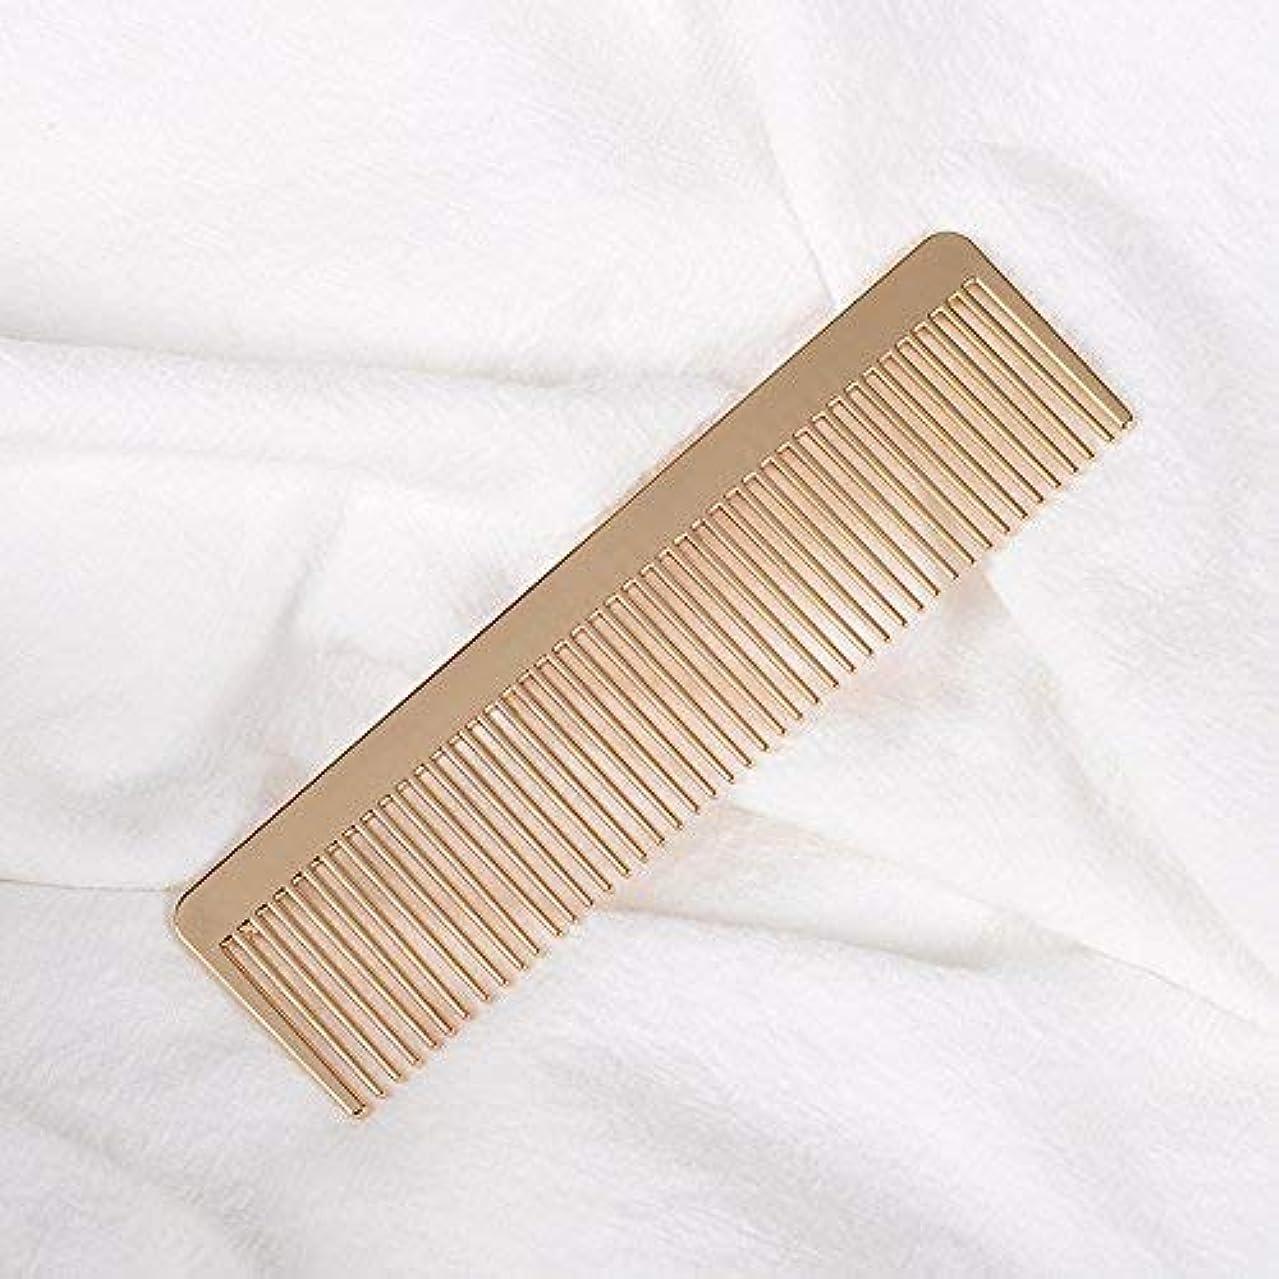 ブレーキ例病弱Grtdrm Portable Metal Comb, Minimalist Pocket Golden Hair Comb for Women Men Unisex [並行輸入品]